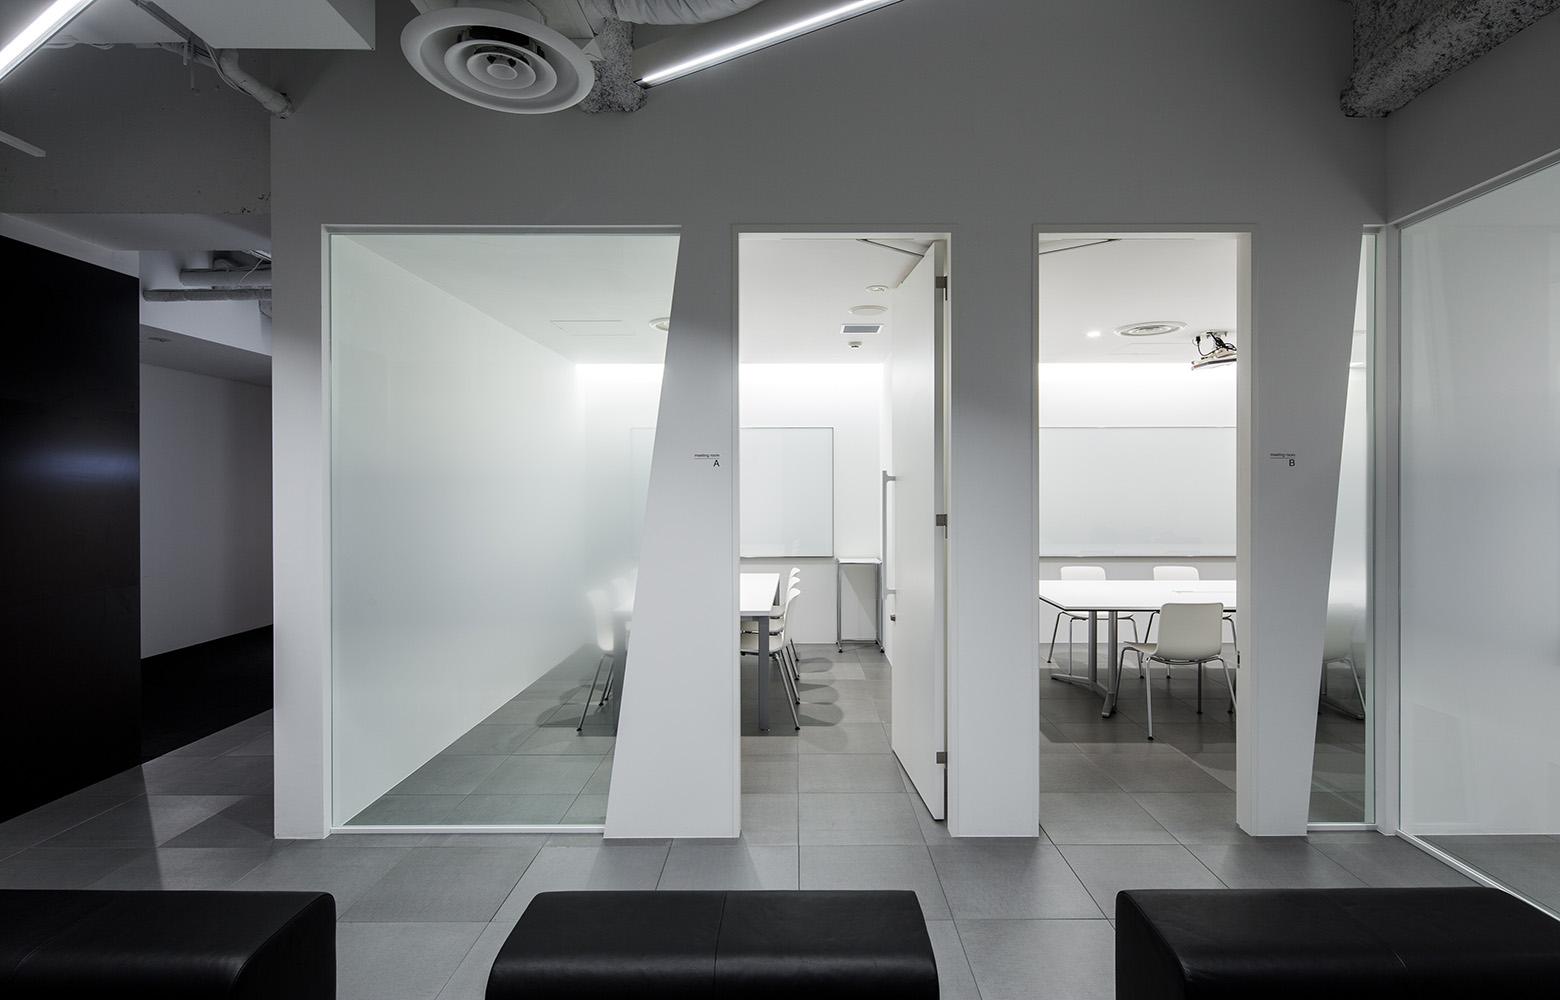 株式会社DECENCIA Meeting Room デザイン・レイアウト事例